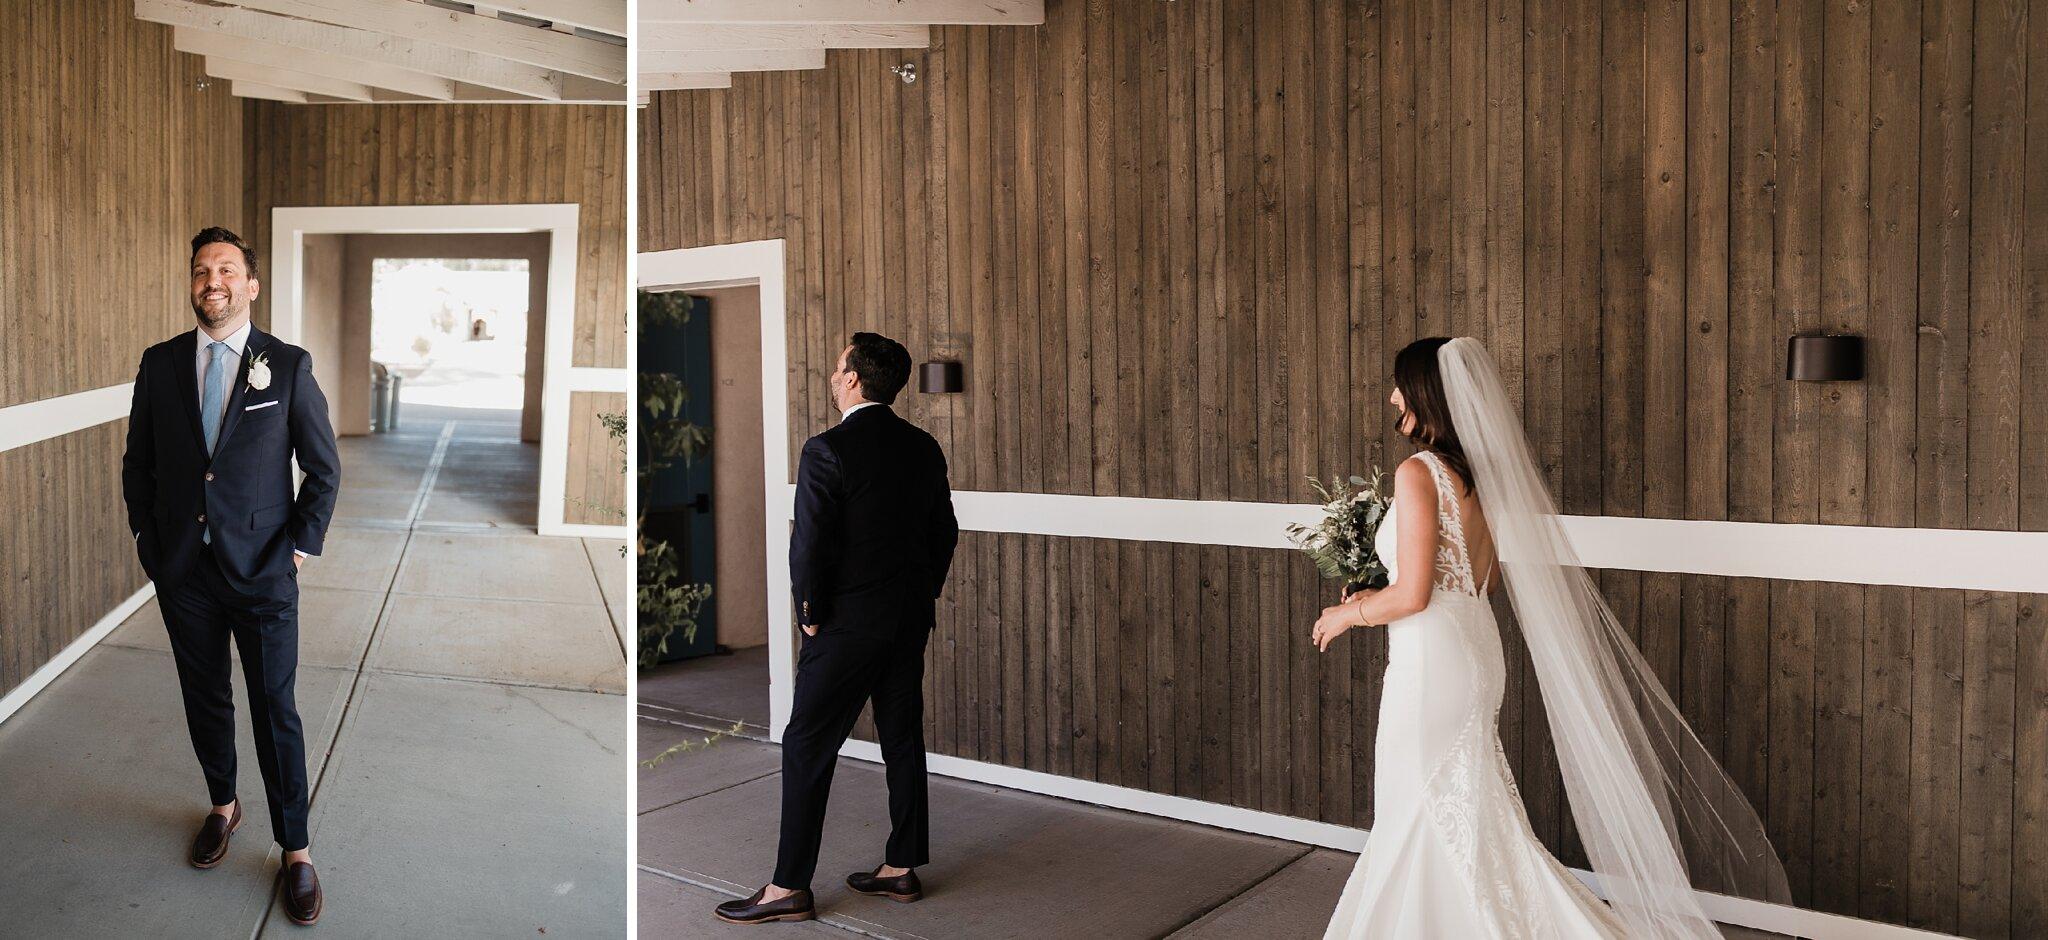 Alicia+lucia+photography+-+albuquerque+wedding+photographer+-+santa+fe+wedding+photography+-+new+mexico+wedding+photographer+-+new+mexico+wedding+-+wedding+-+albuquerque+wedding+-+los+poblanos+-+los+poblanos+wedding+-+fall+wedding_0025.jpg